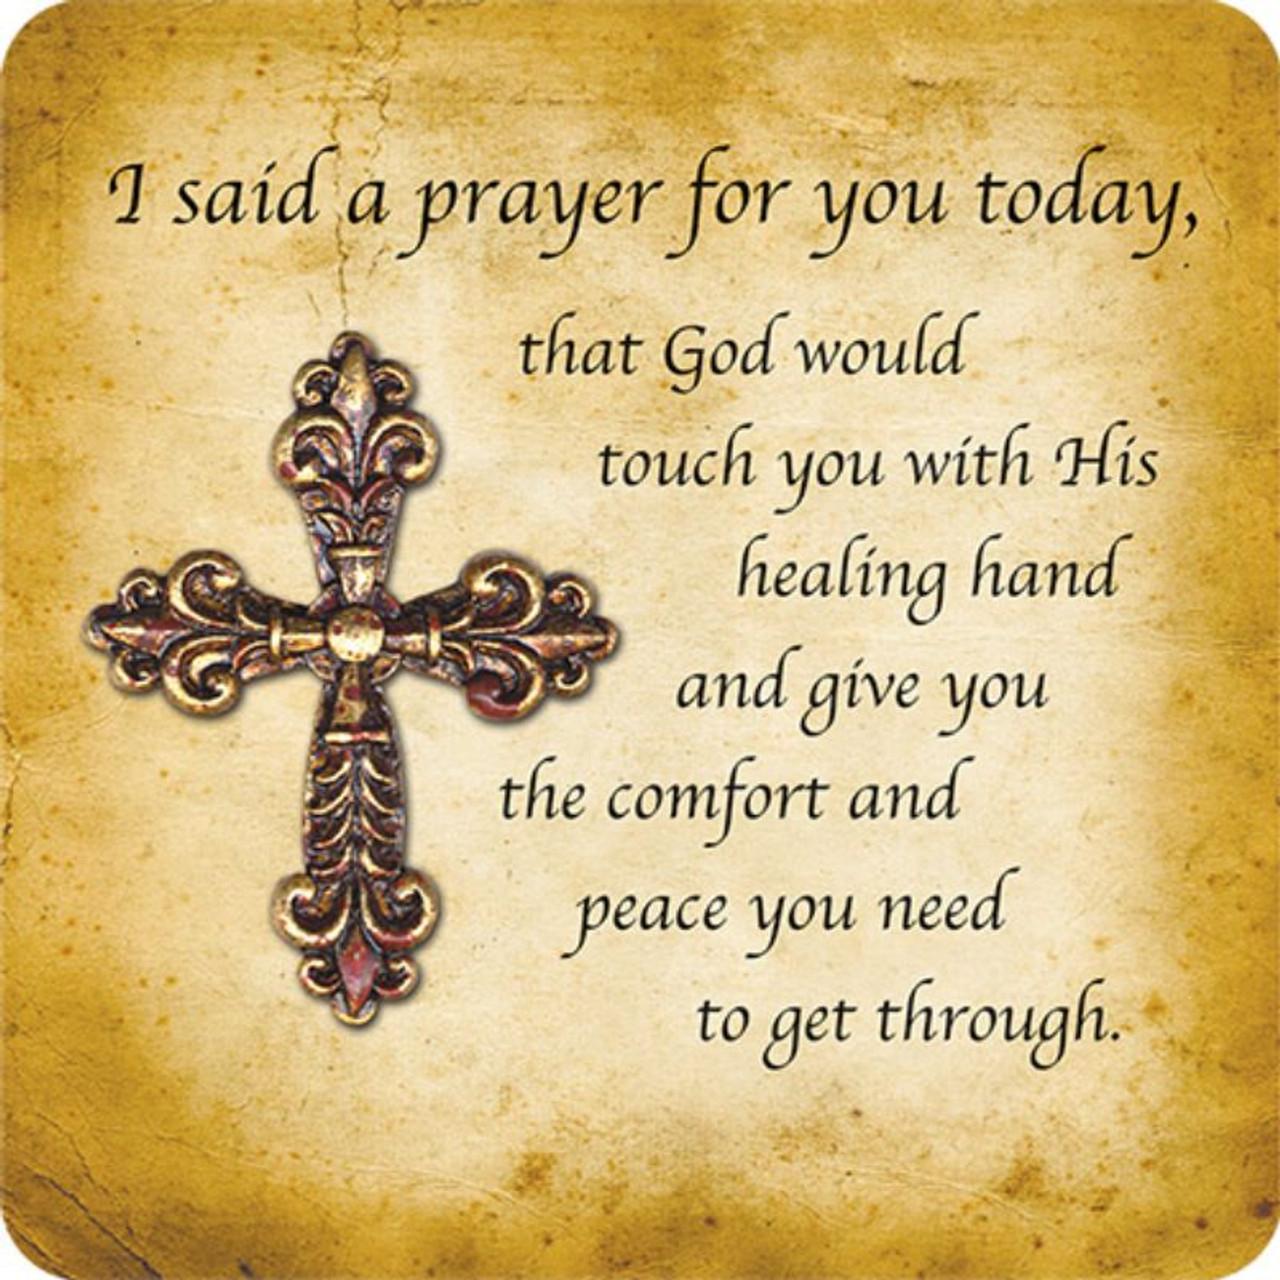 Large healing magnet prayer